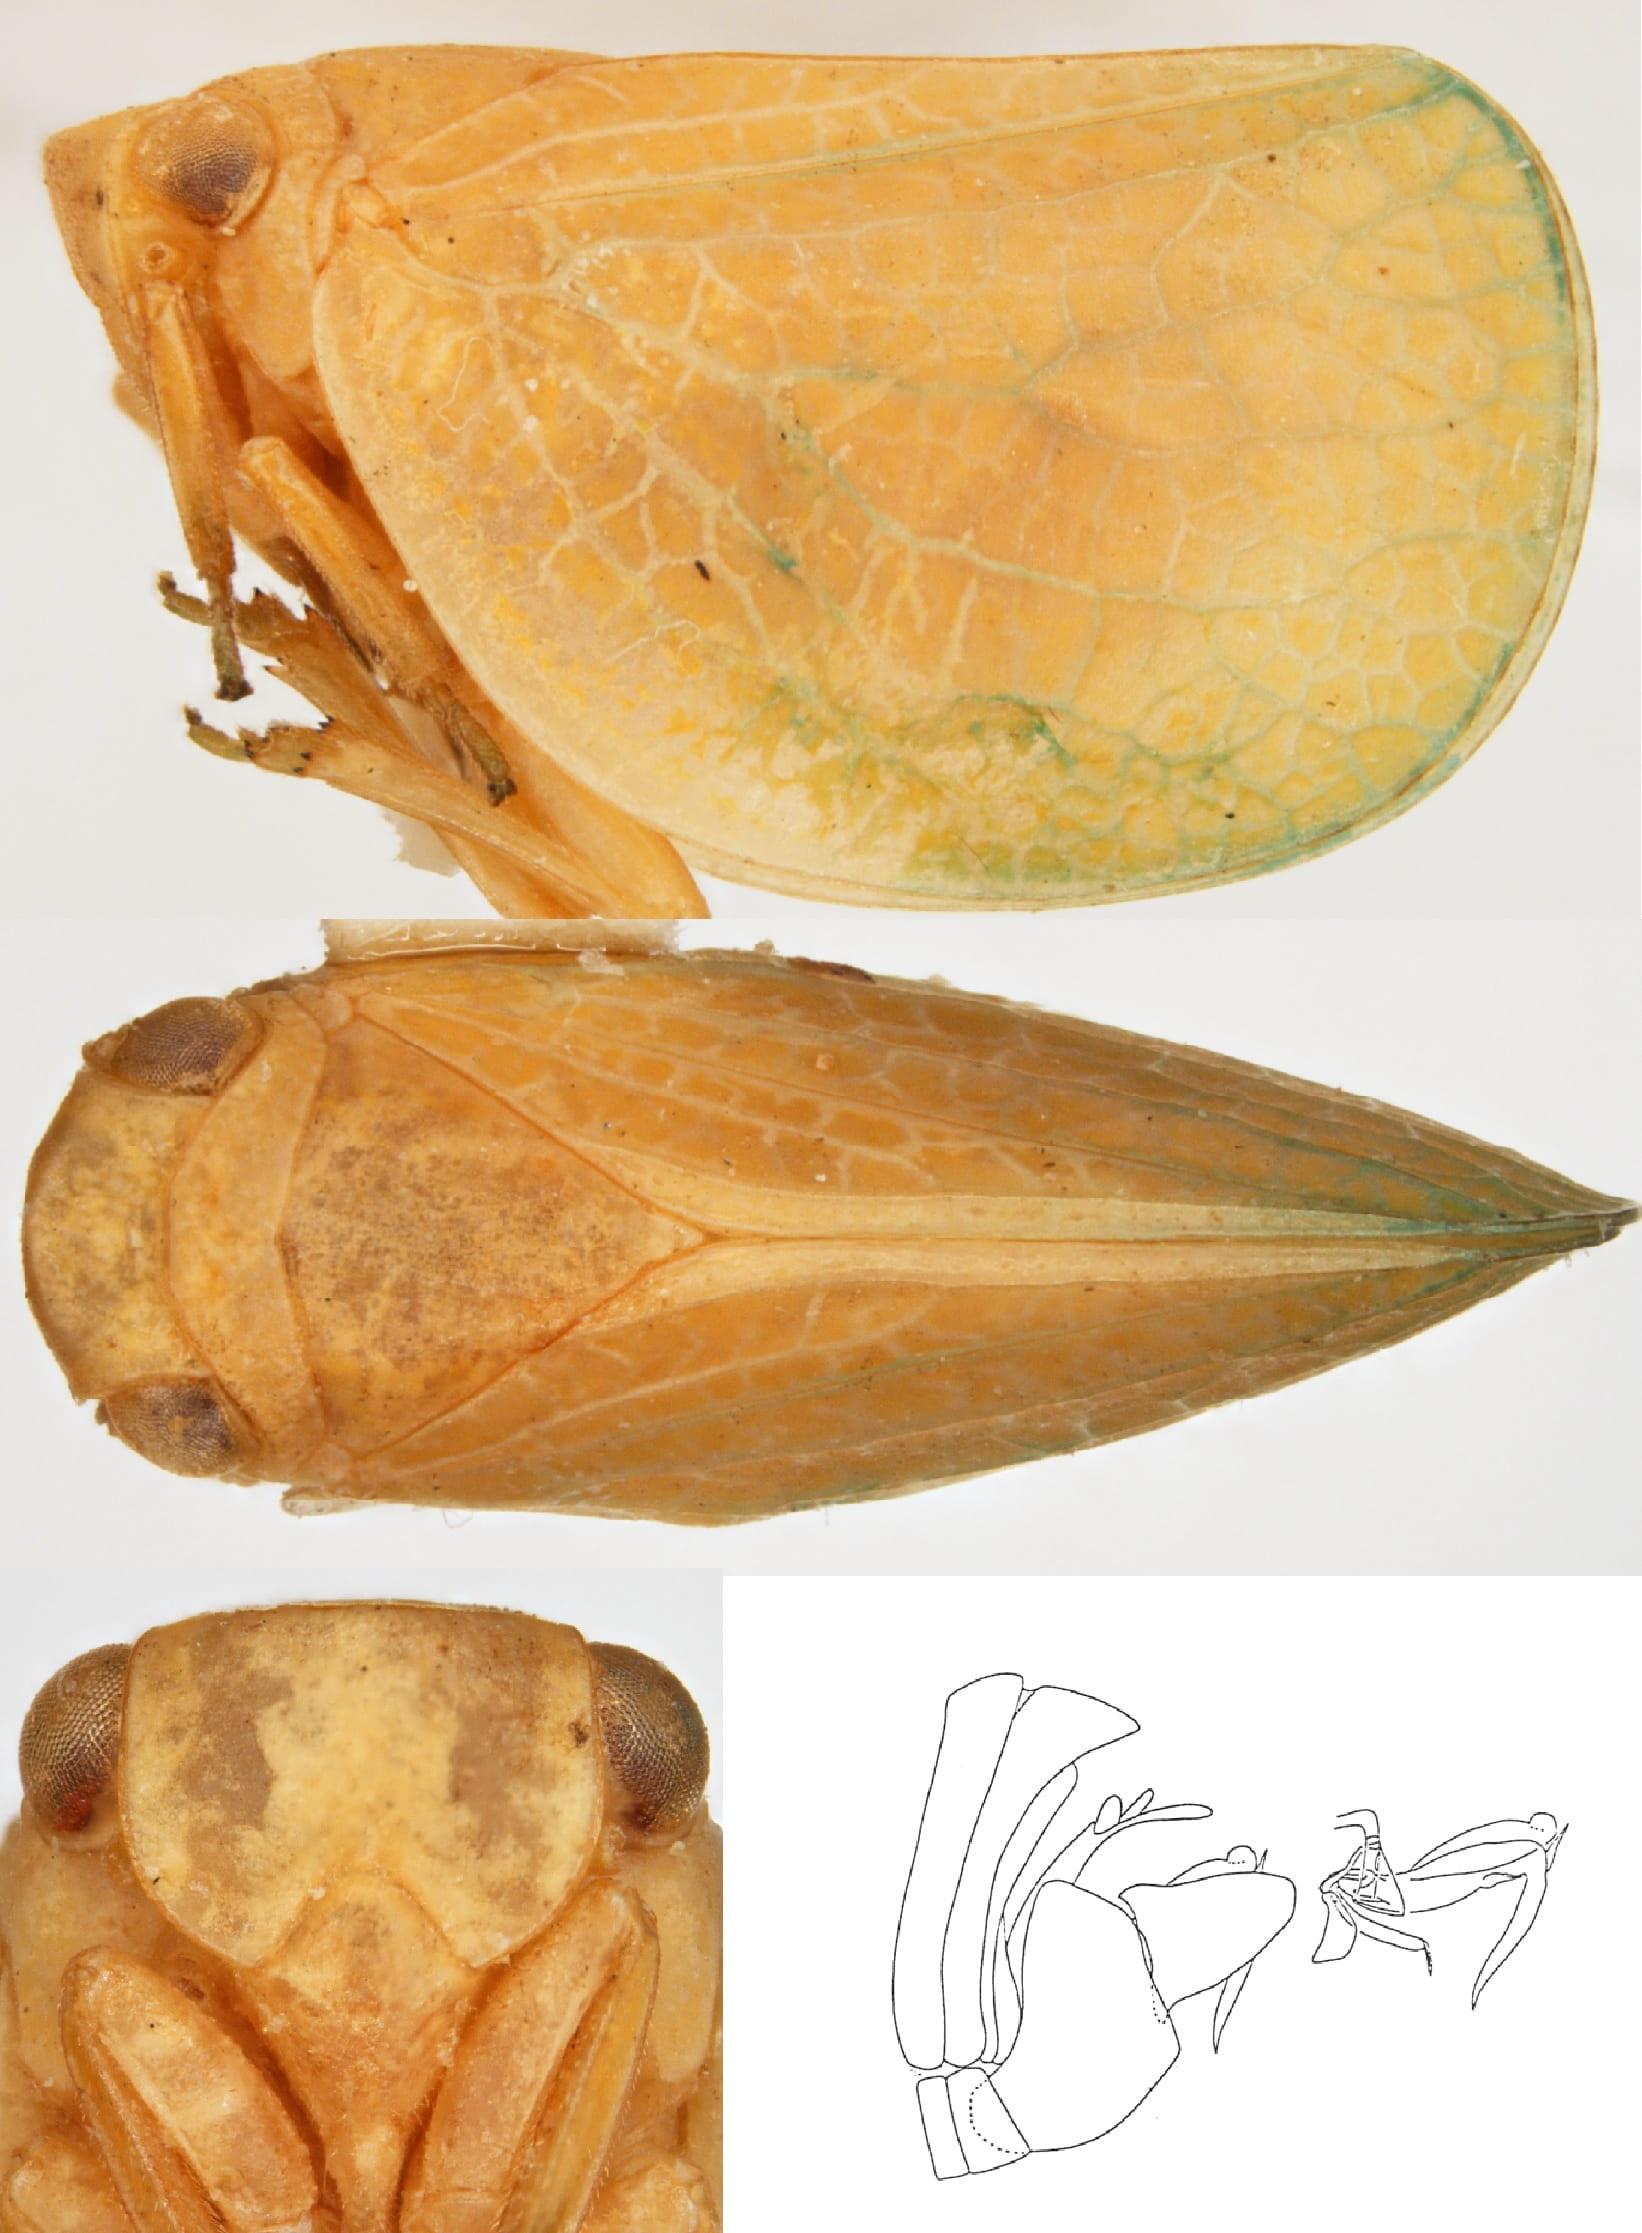 Acanalonia virescens